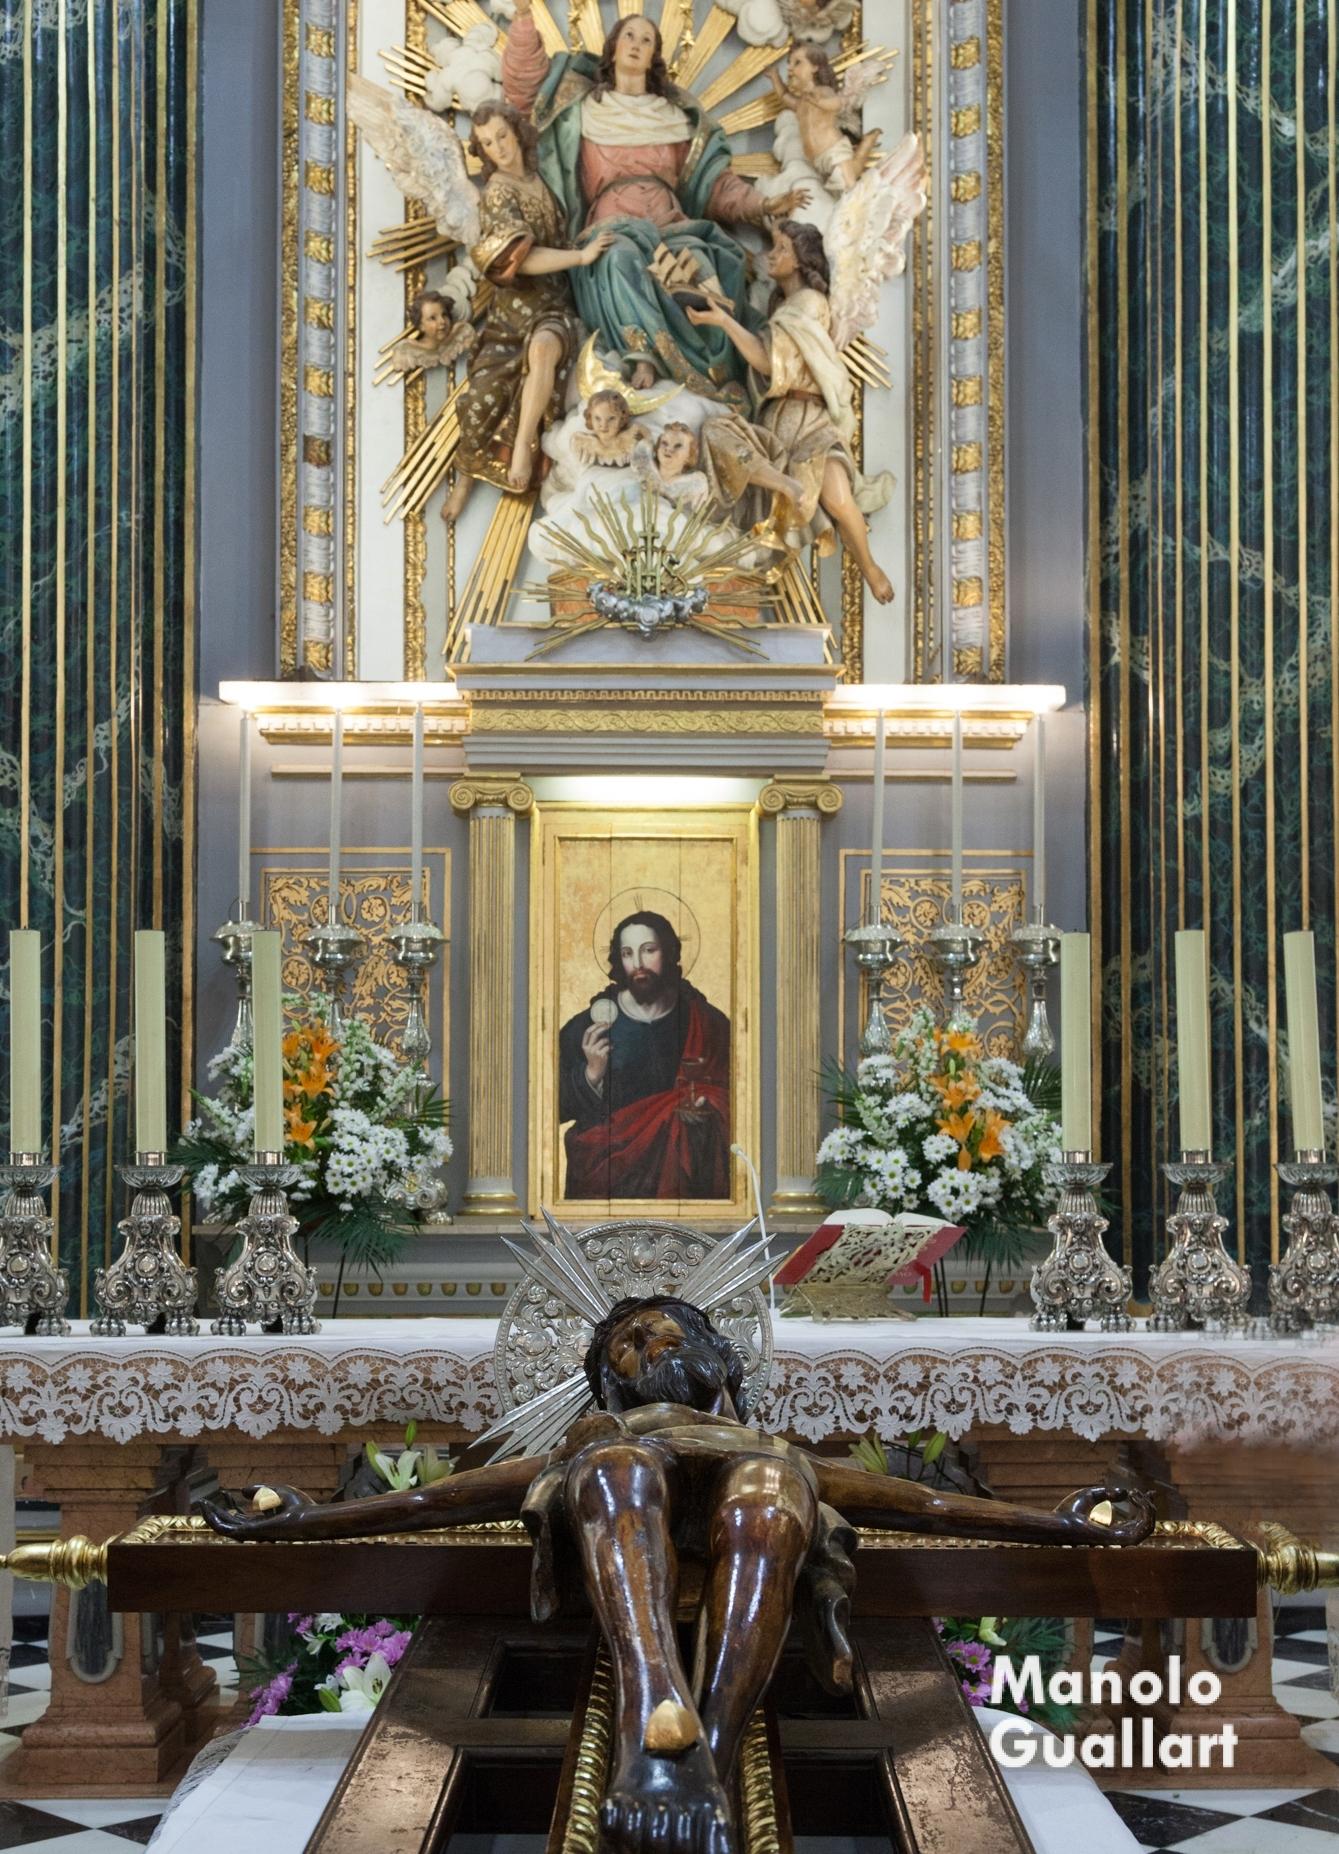 El Santísimo Cristo del Grao en el altar mayor de la parroquia de Santa María del Mar. Foto de Manolo Guallart.